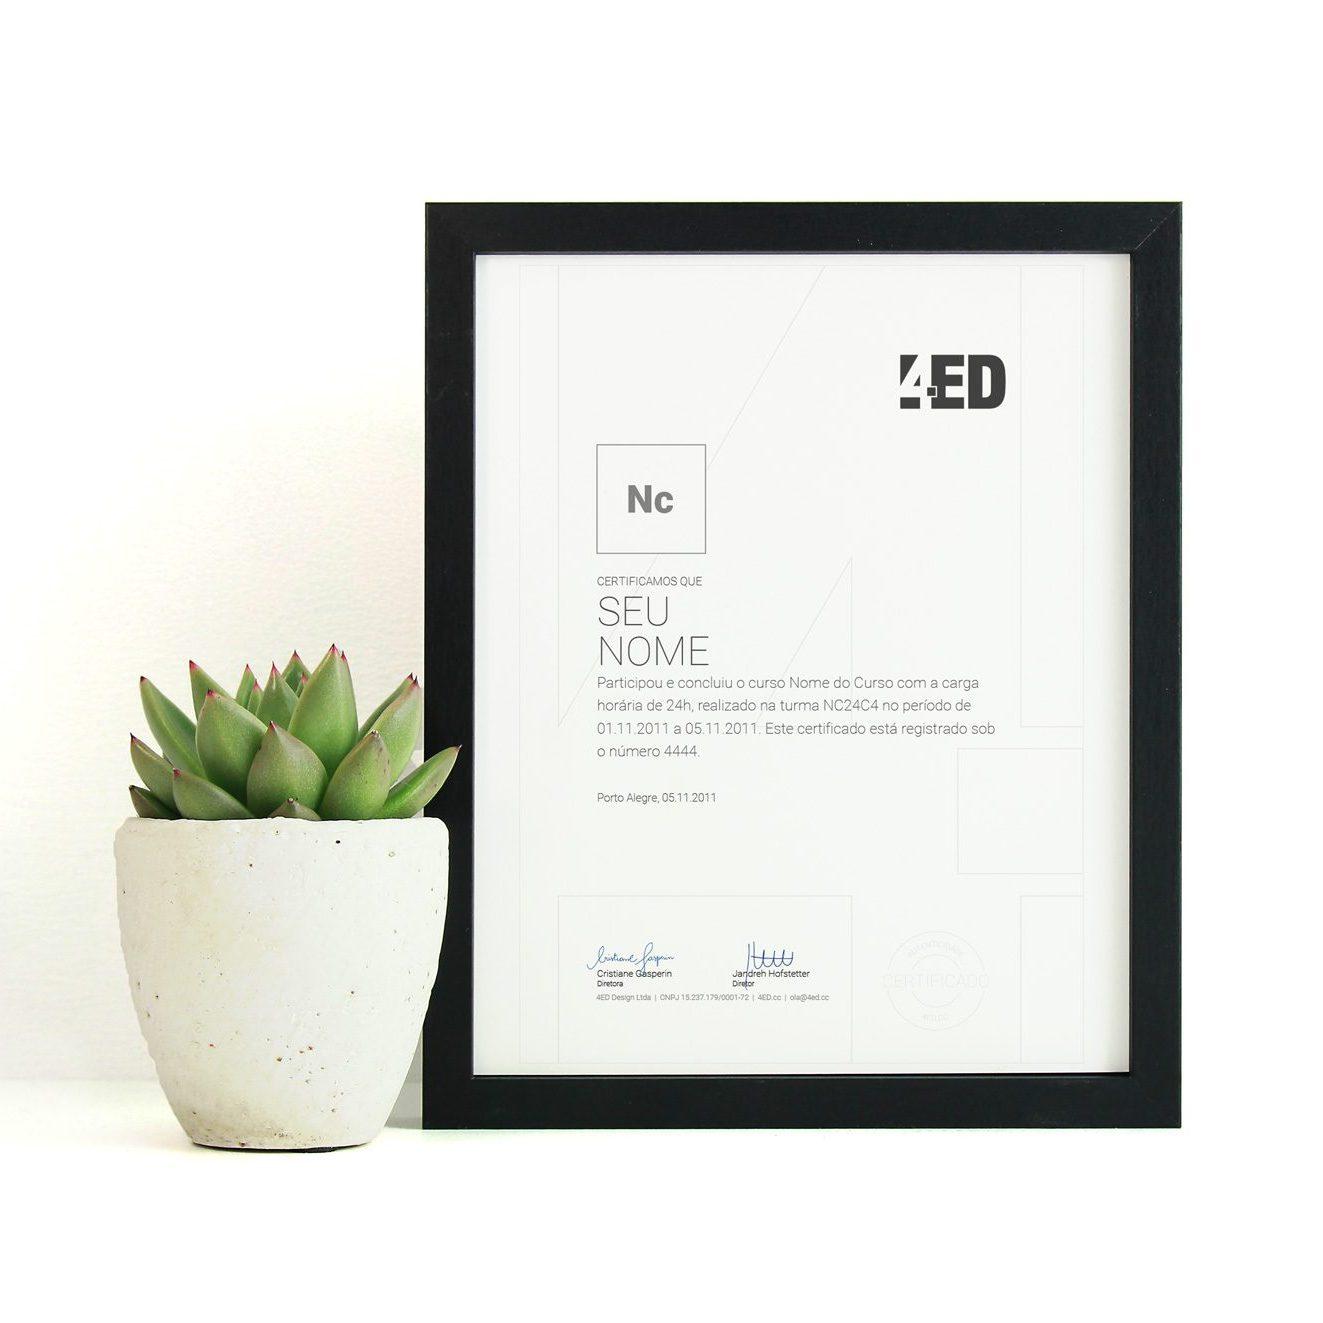 Certificado de Curso 4ED